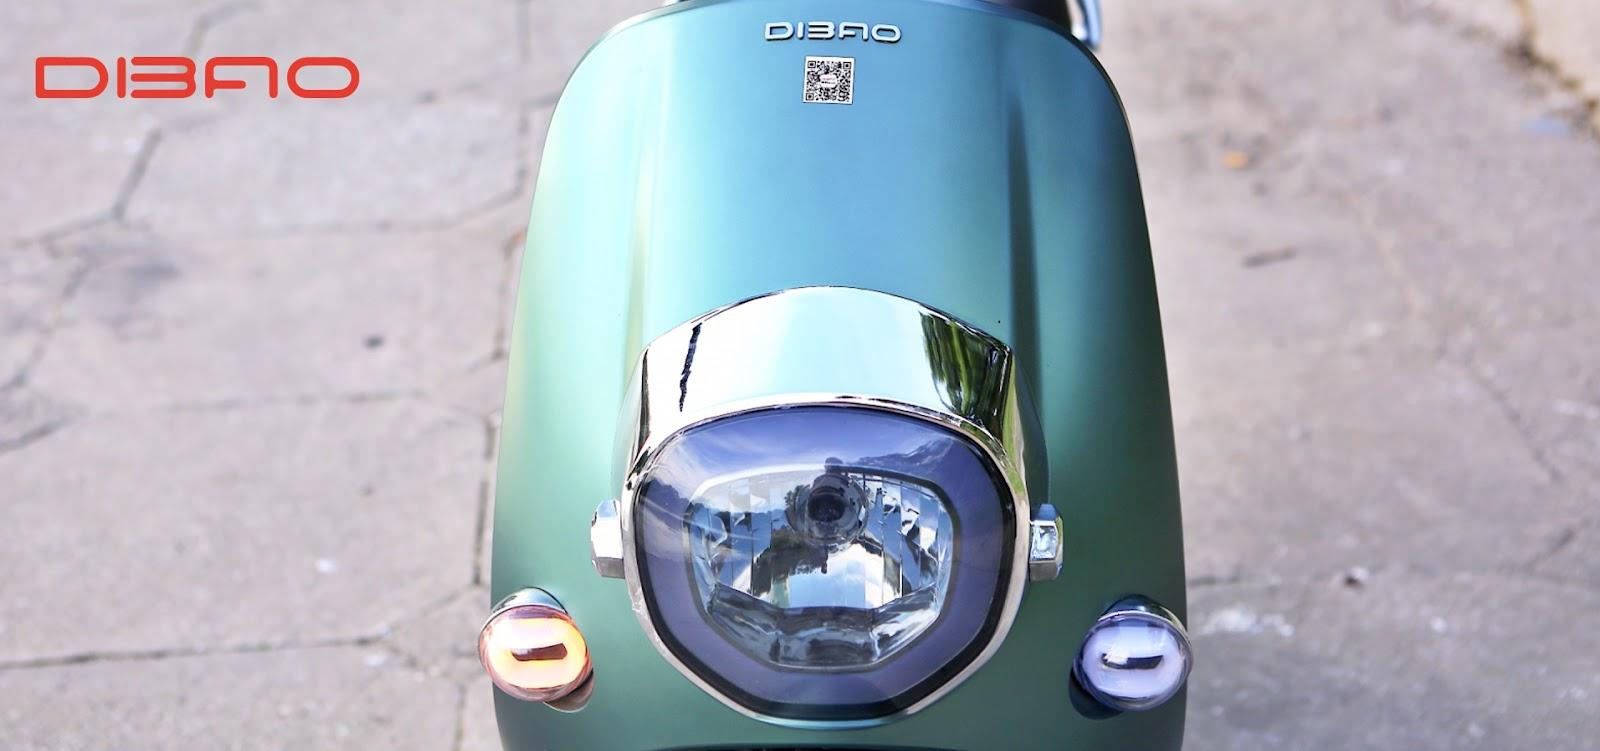 Xe có hệ thống đèn đẹp và độc